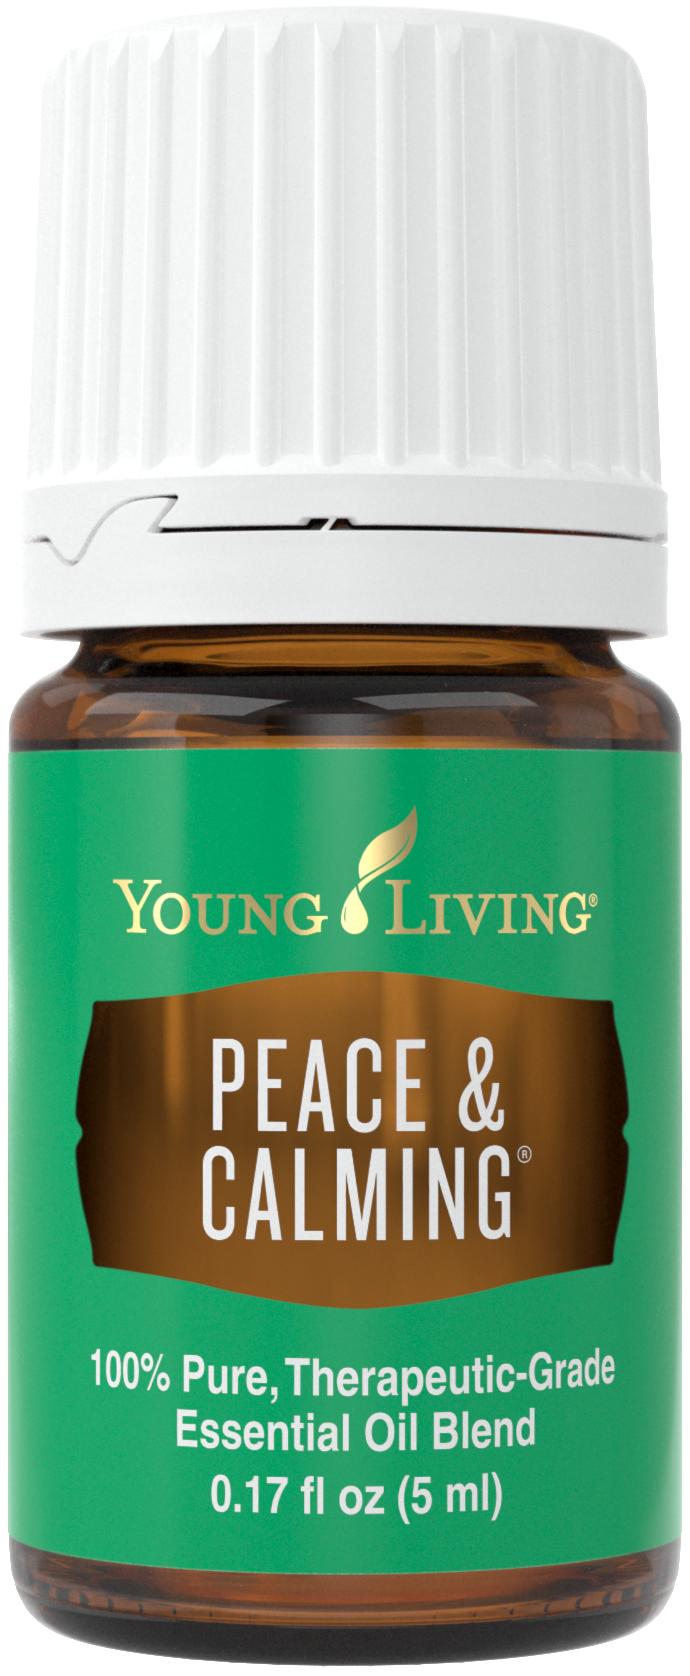 peacecalming_5ml_silo_us_2016_24444826801_o